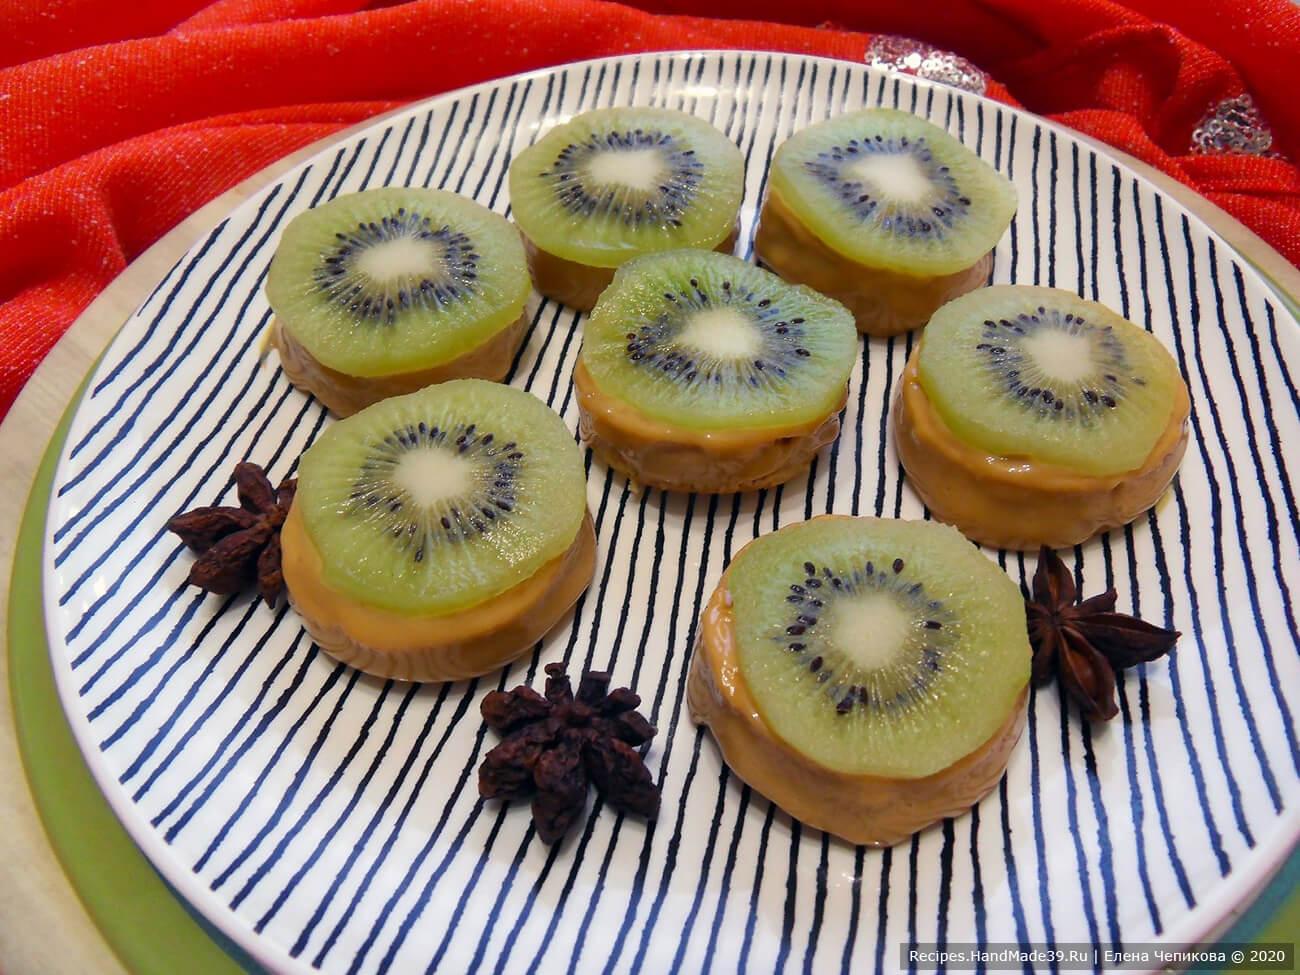 Ленивые бисквитные пирожные «Сгущёнка и киви»